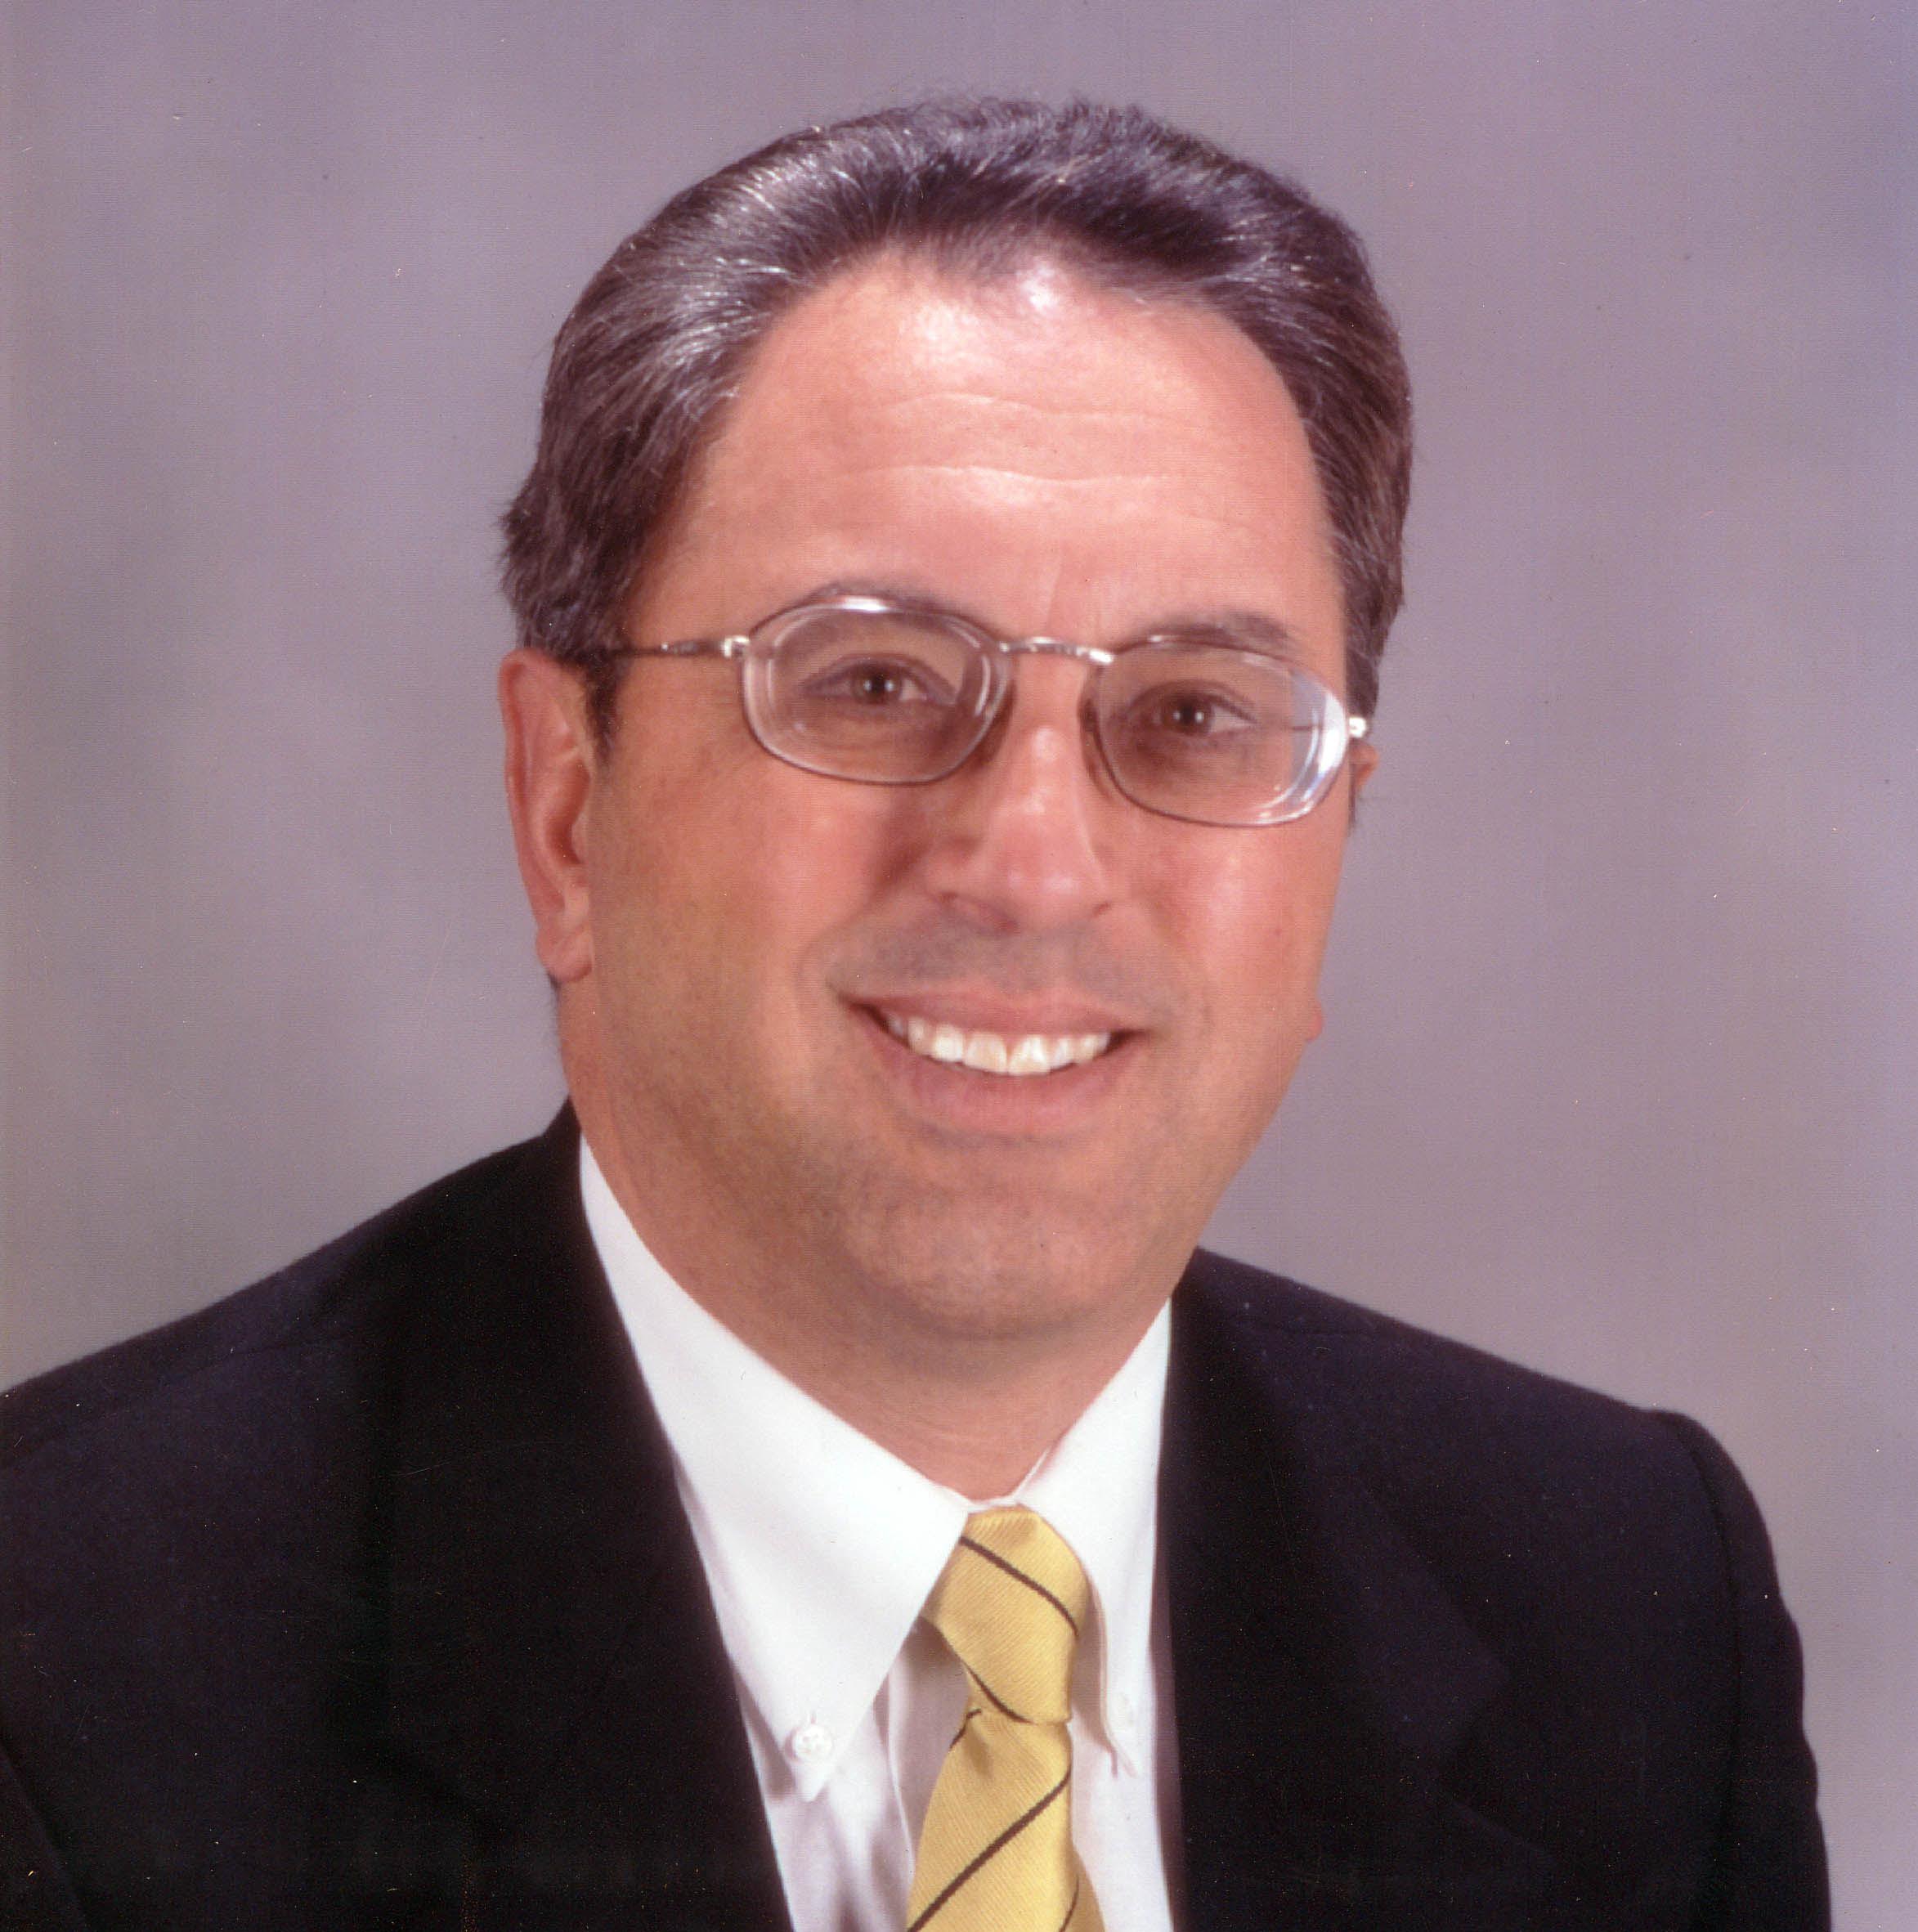 Joe Iacoi